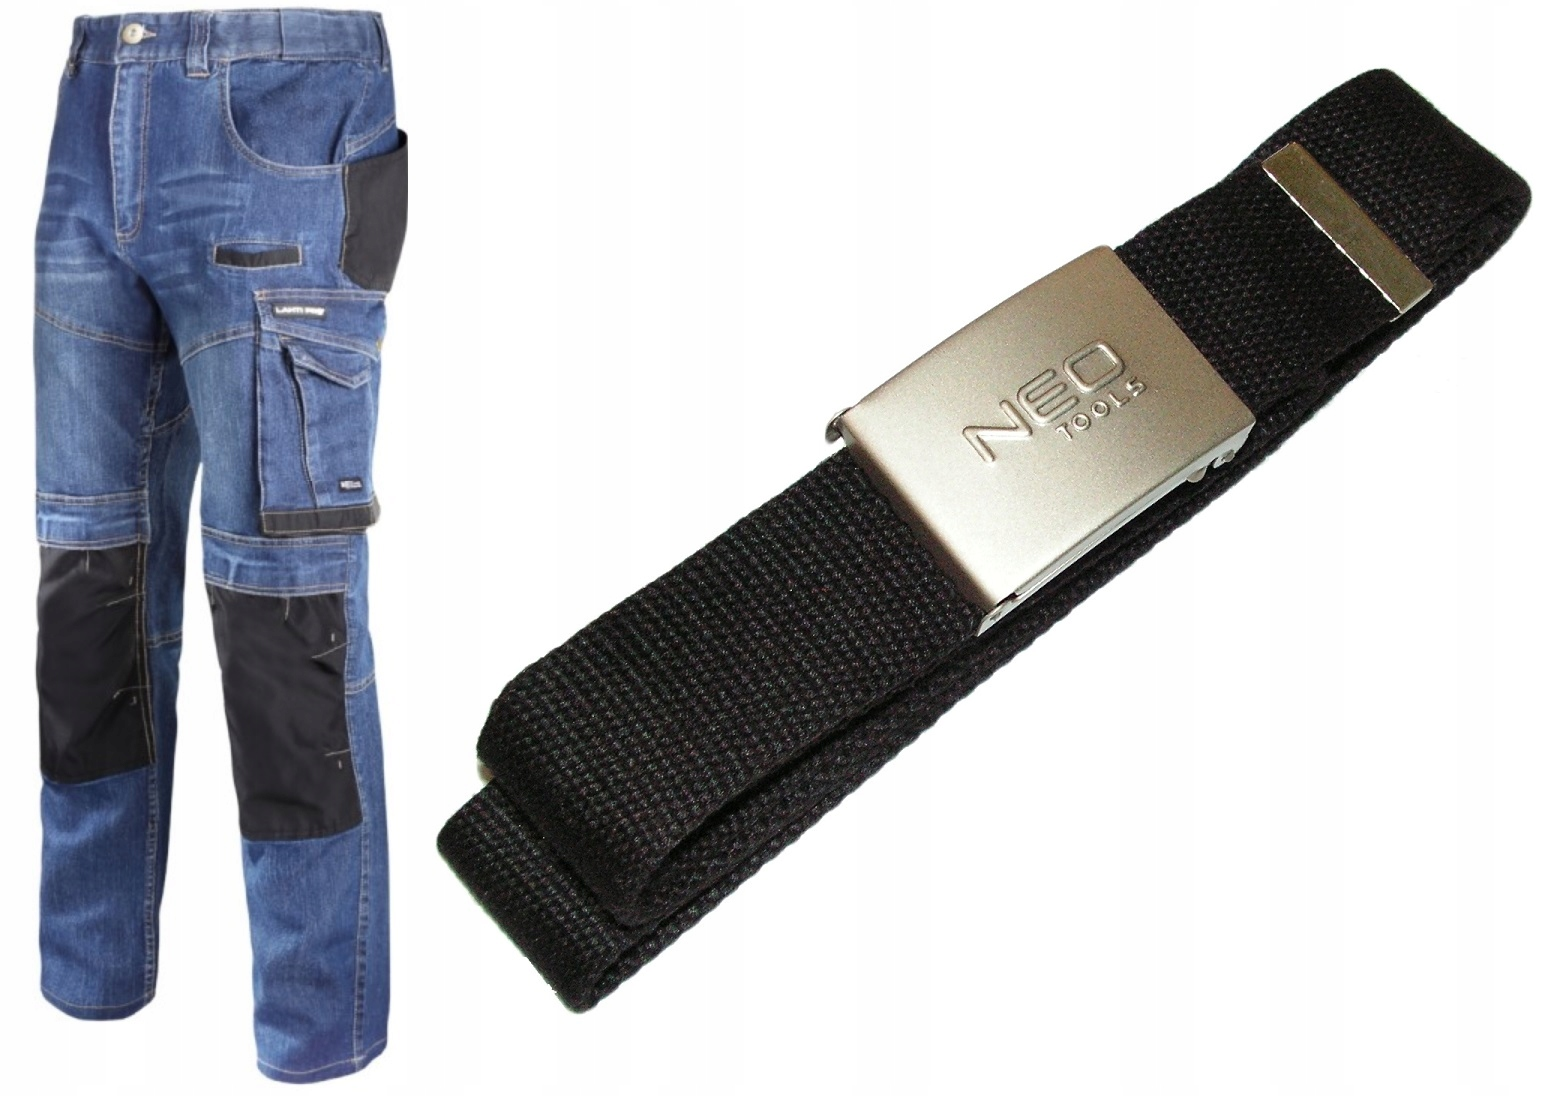 Spodnie Jeansowe Dżinsowe robocze XL LAHTI +pasek